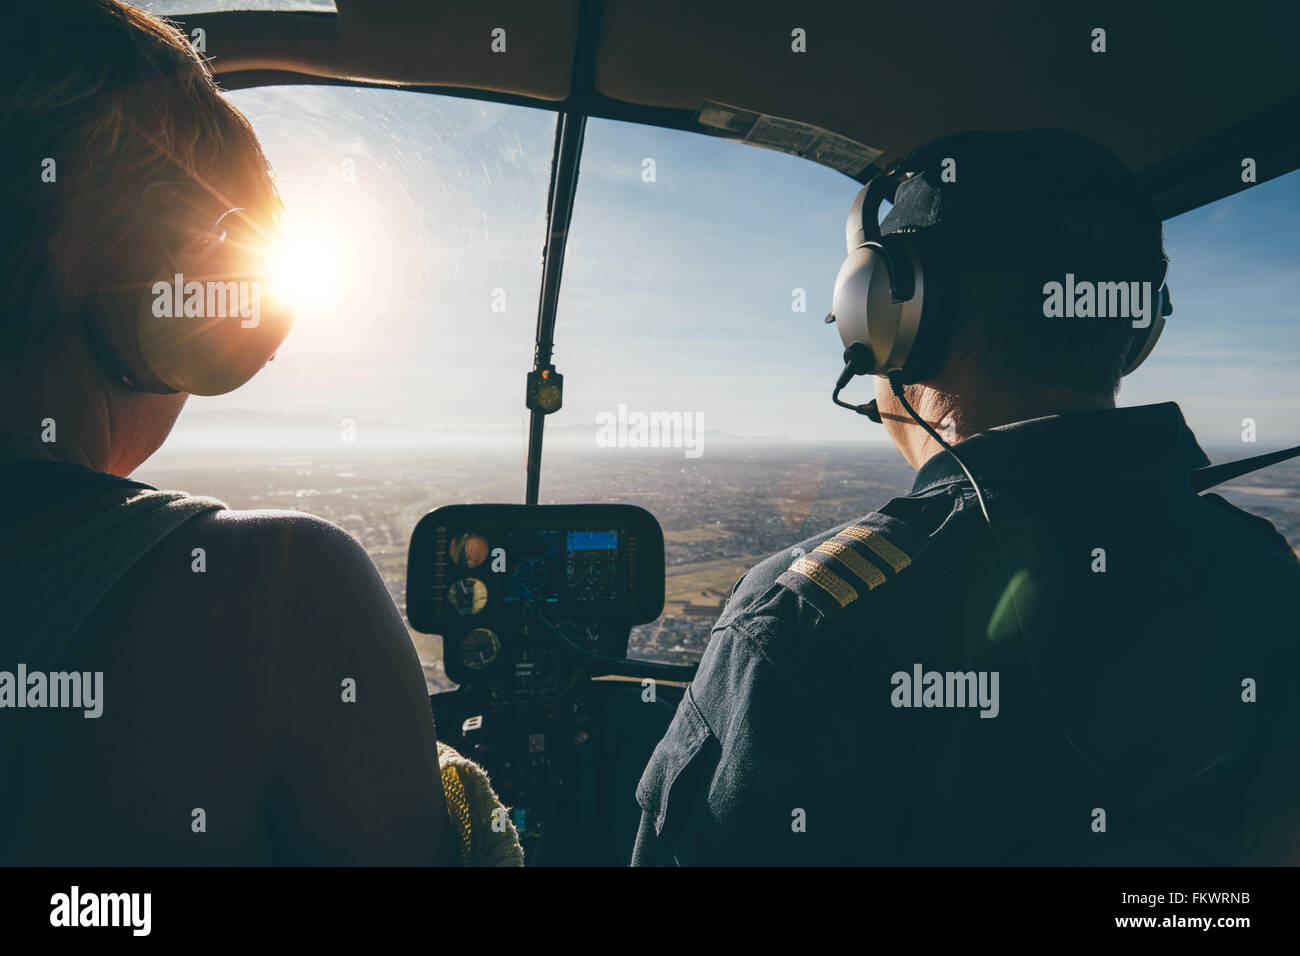 Deux pilotes à bord d'un hélicoptère en vol sur une journée ensoleillée. Vue arrière Photo Stock